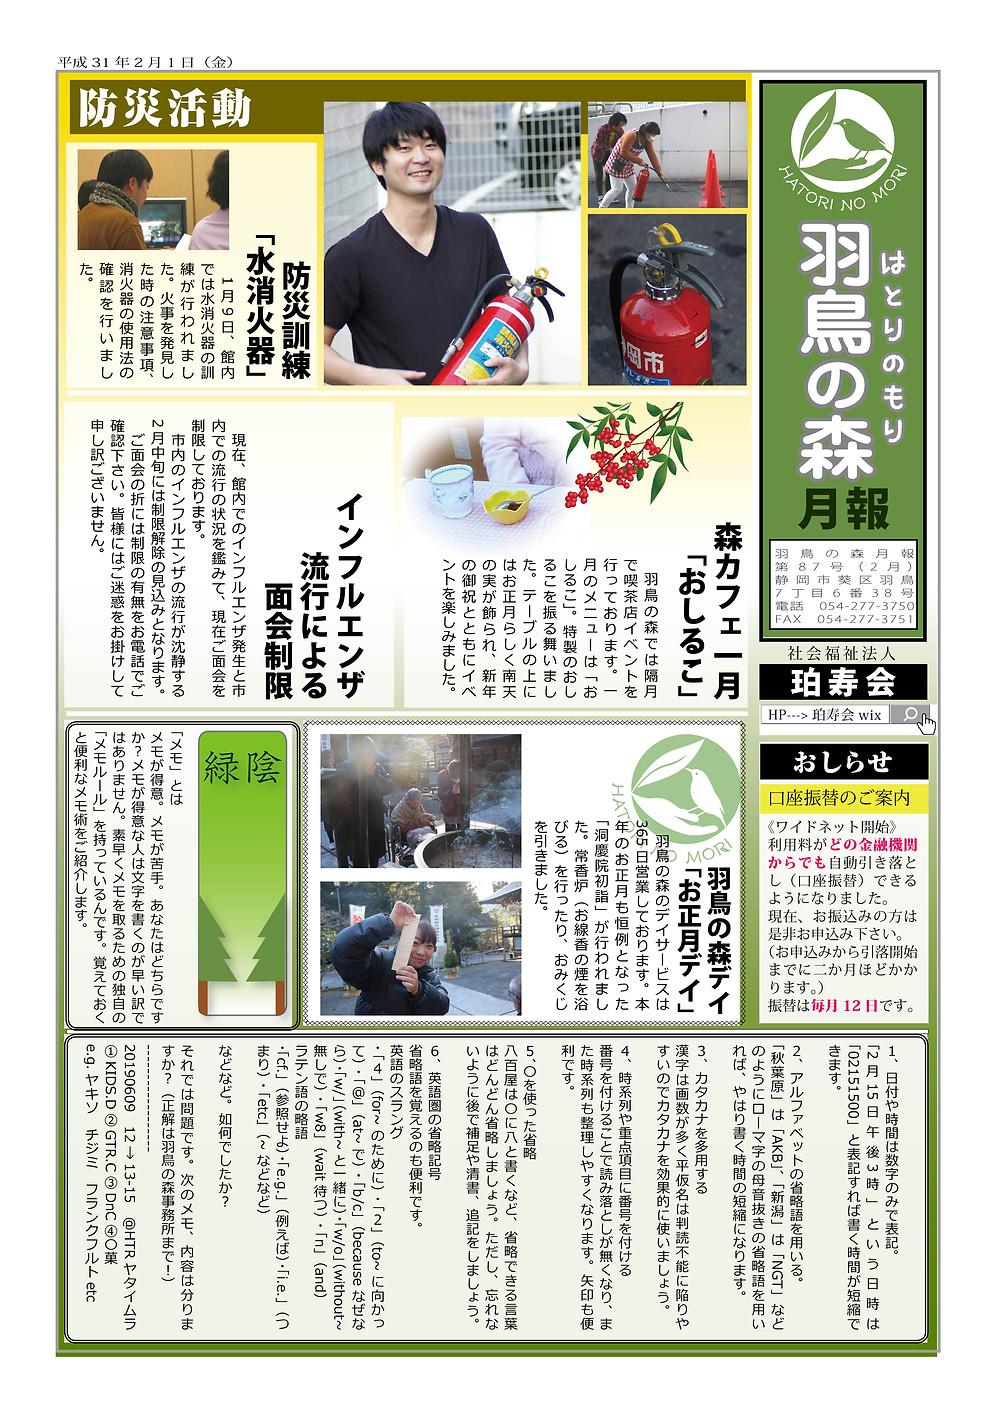 月報2019年2月号 | 羽鳥の森 | 特別養護老人ホーム|静岡市葵区